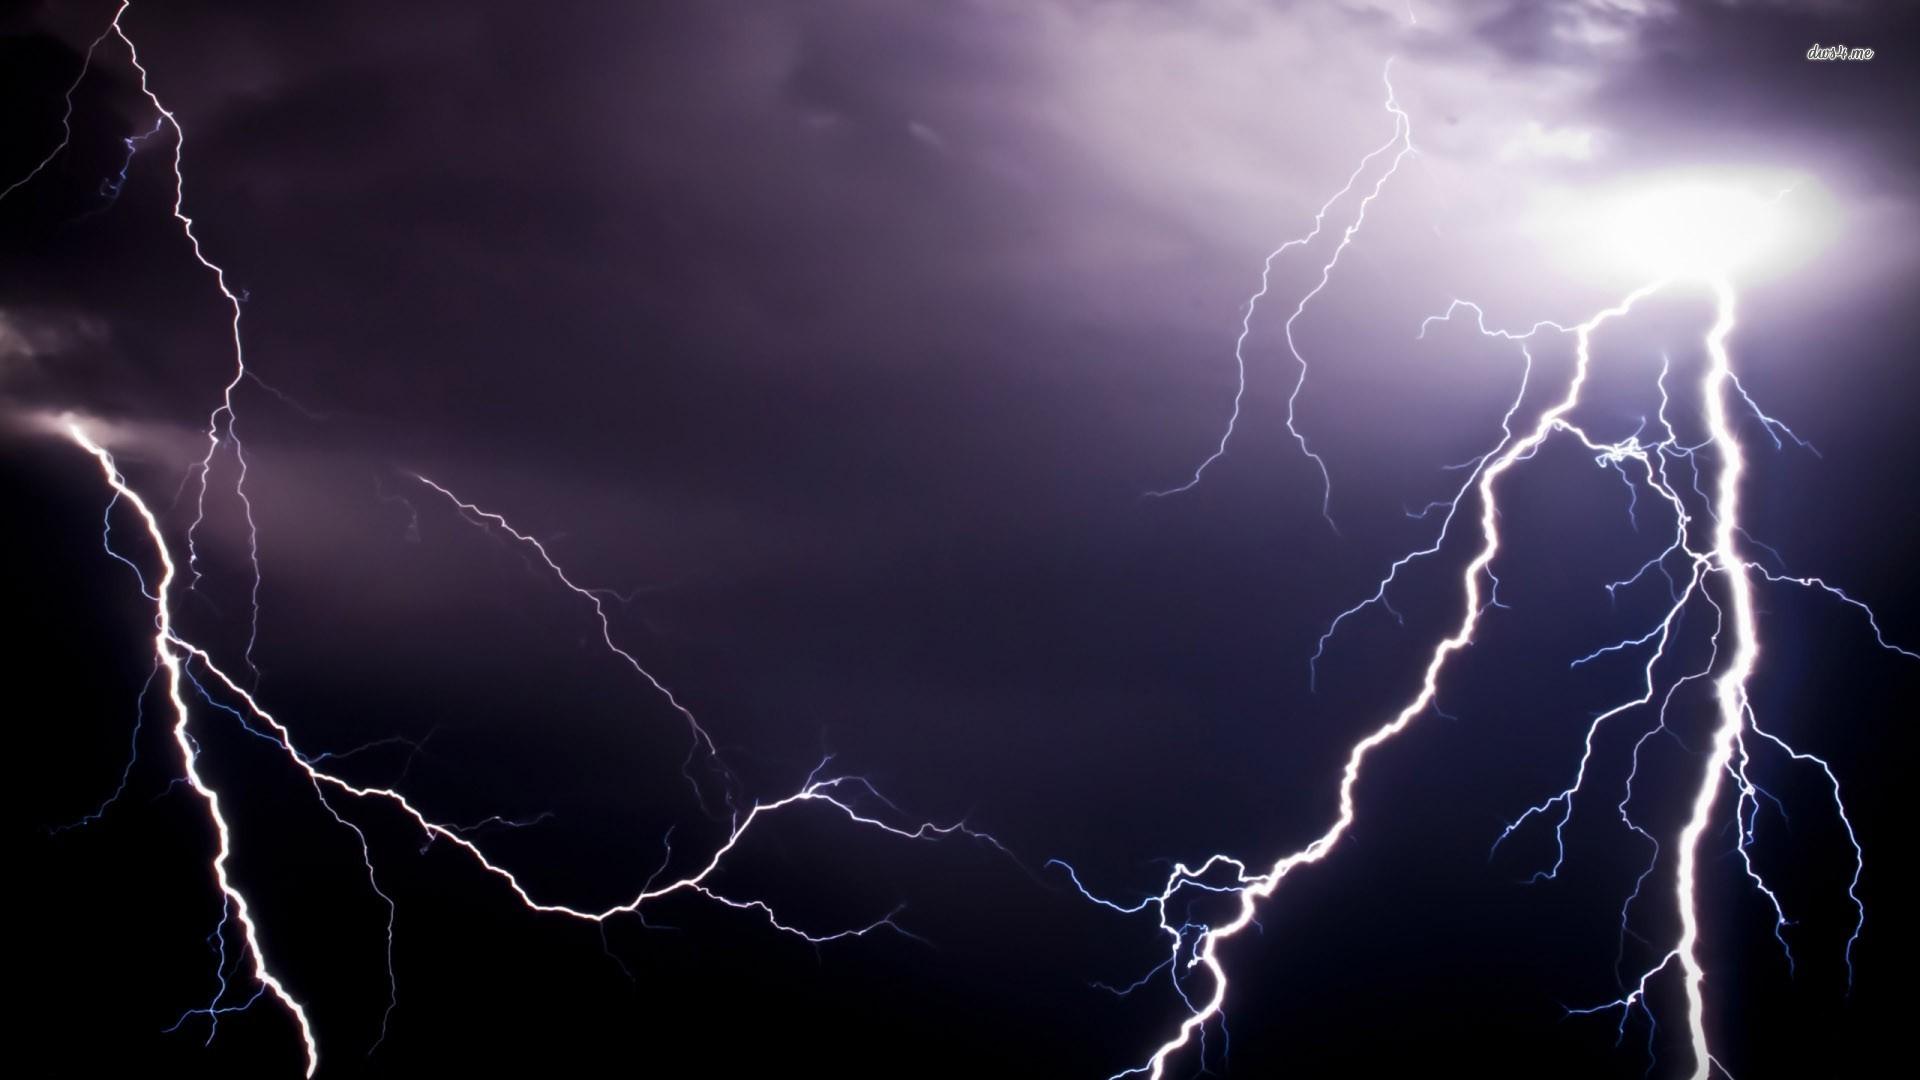 Lightning Wallpapers Hd: Lightning Wallpaper HD ·① WallpaperTag